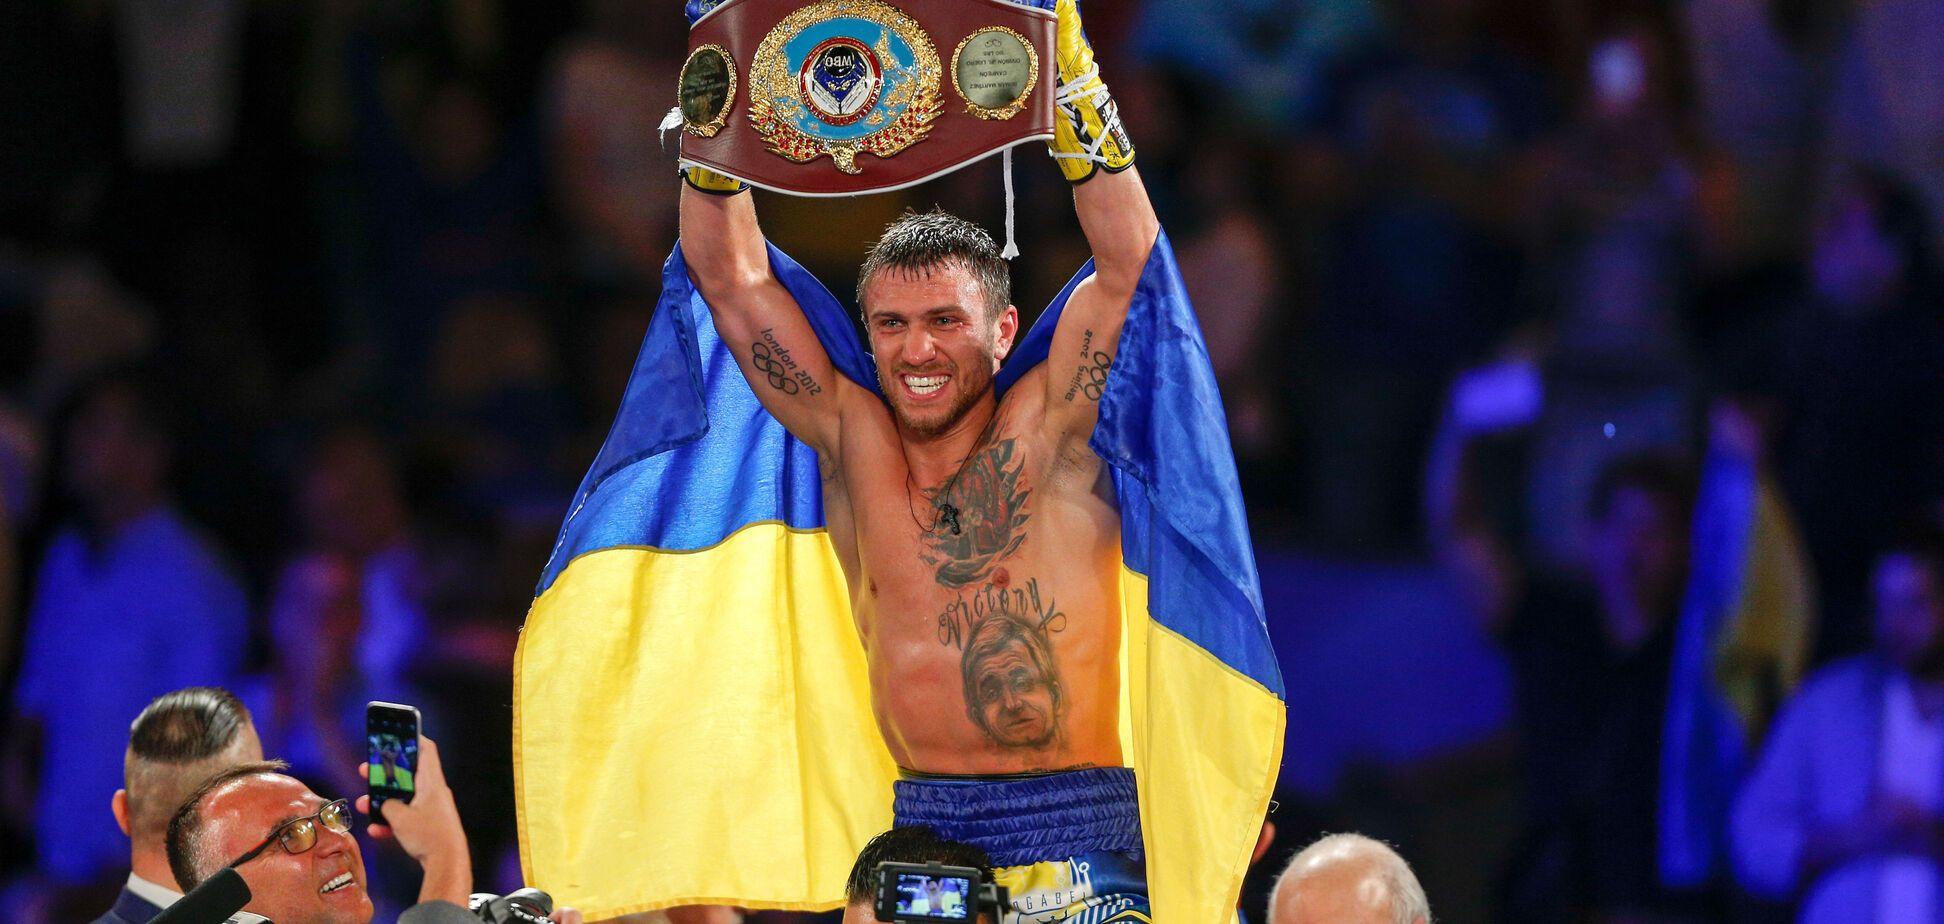 Ломаченко одержал блестящую победу в США, защитив чемпионский пояс